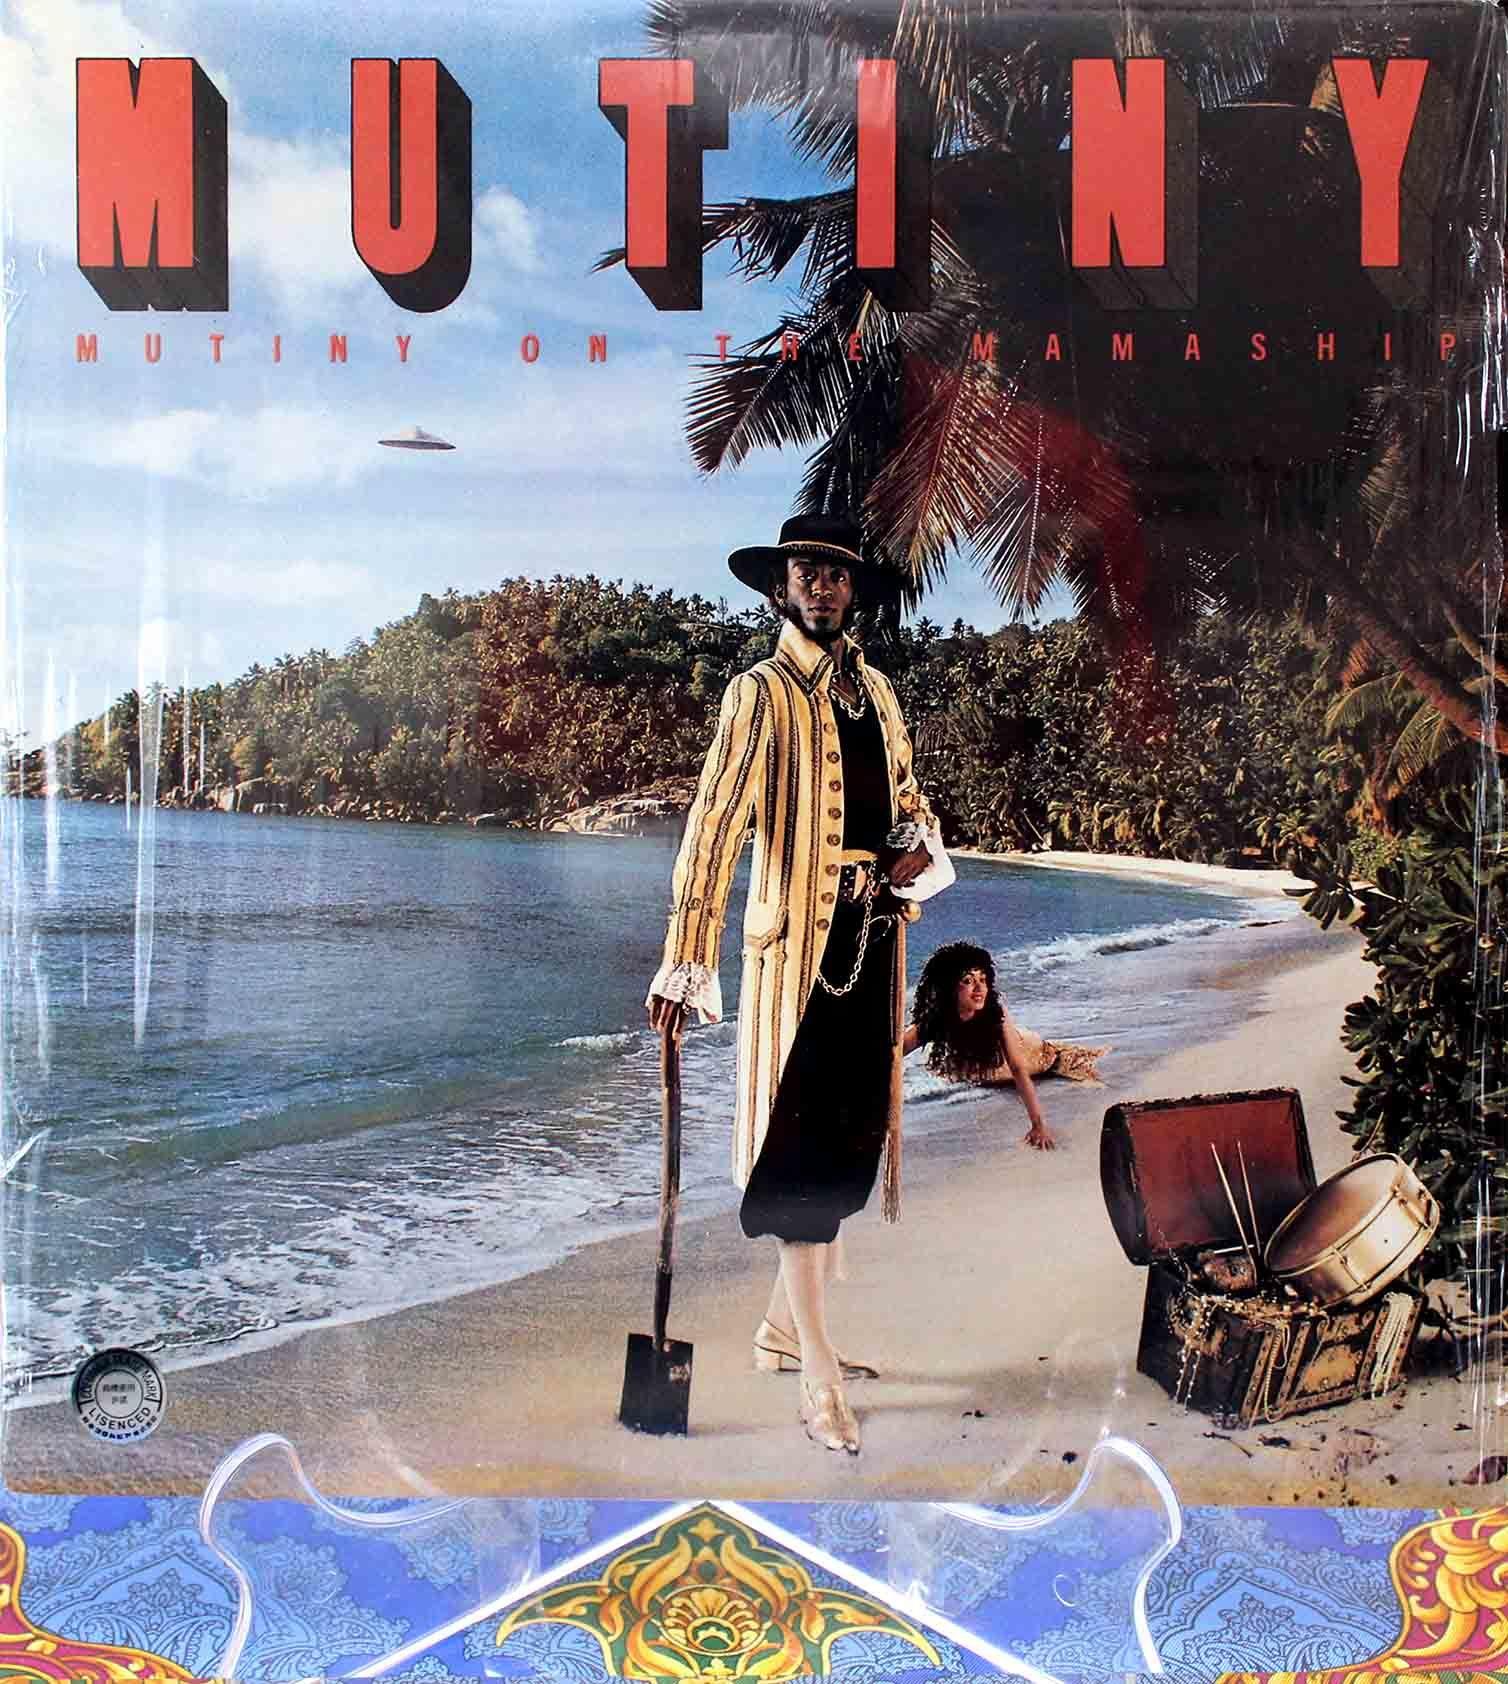 Mutiny Mutiny On The Mamaship 01